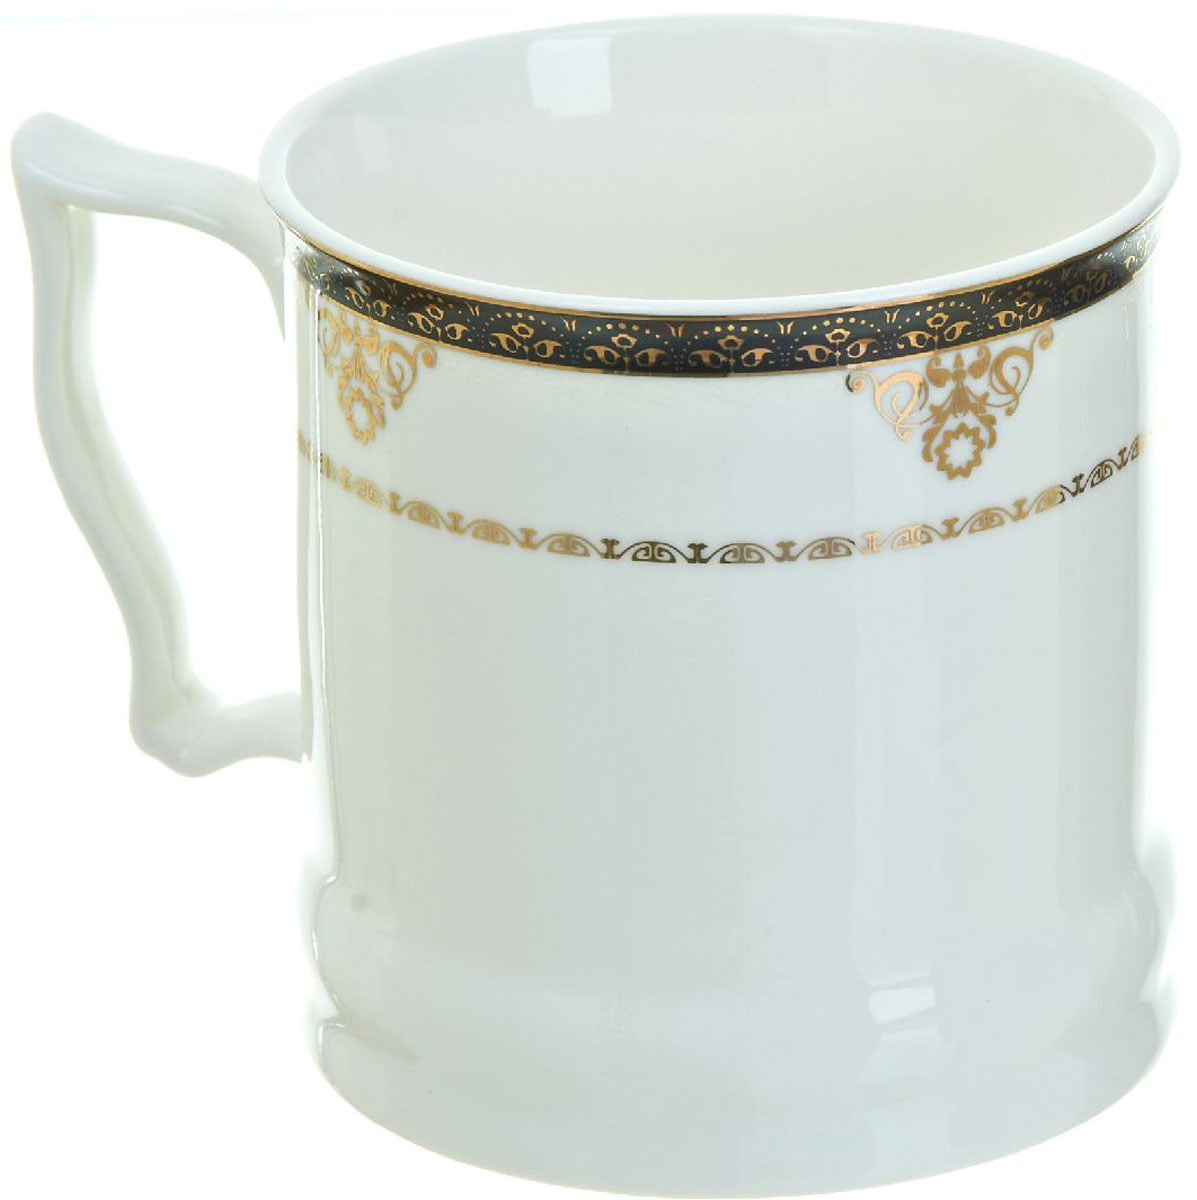 Кружка BHP Королевская кружка, 500 мл. 1870007VT-1520(SR)Оригинальная кружка Best Home Porcelain, выполненная из высококачественного фарфора, сочетает в себе простой, утонченный дизайн с максимальной функциональностью. Можно использовать в посудомоечной машине.